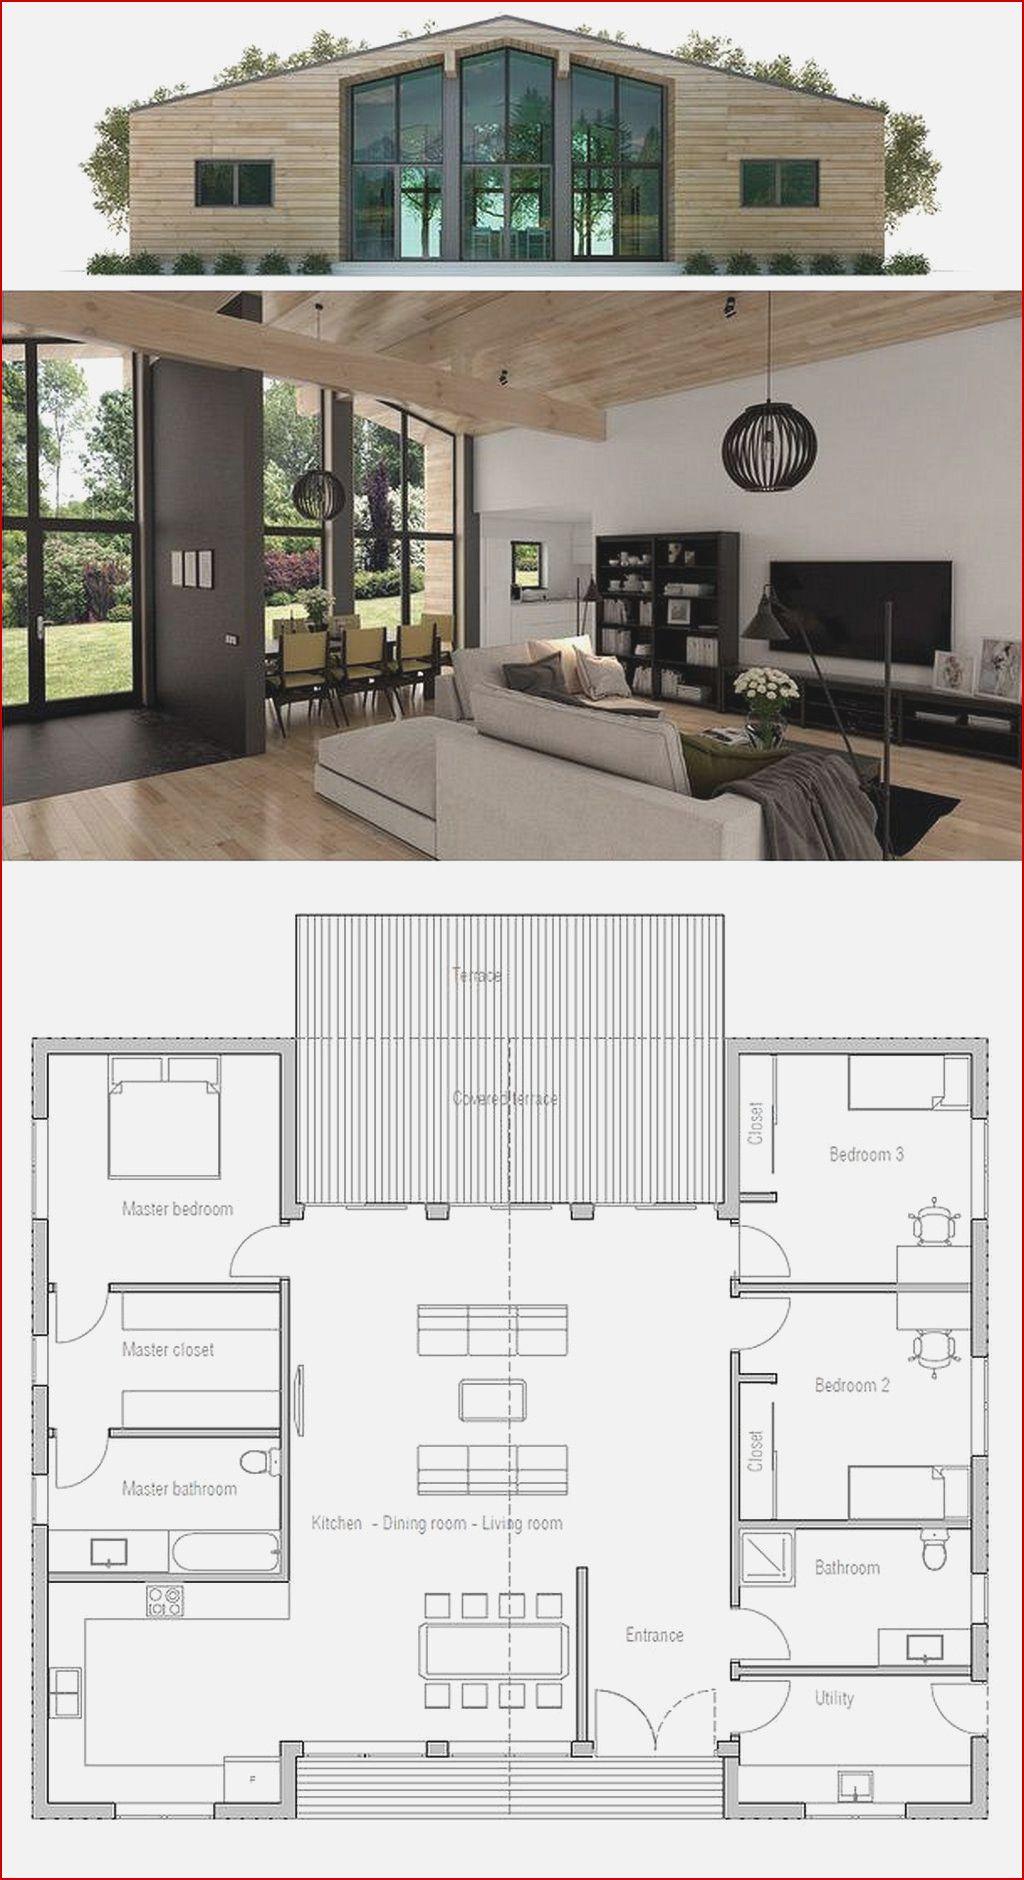 Genial Prix Plan Maison Permis De Construire 8810 Construire Meilleur Tomsusan Com Plan Maison Plan Petite Maison Maison D Architecture